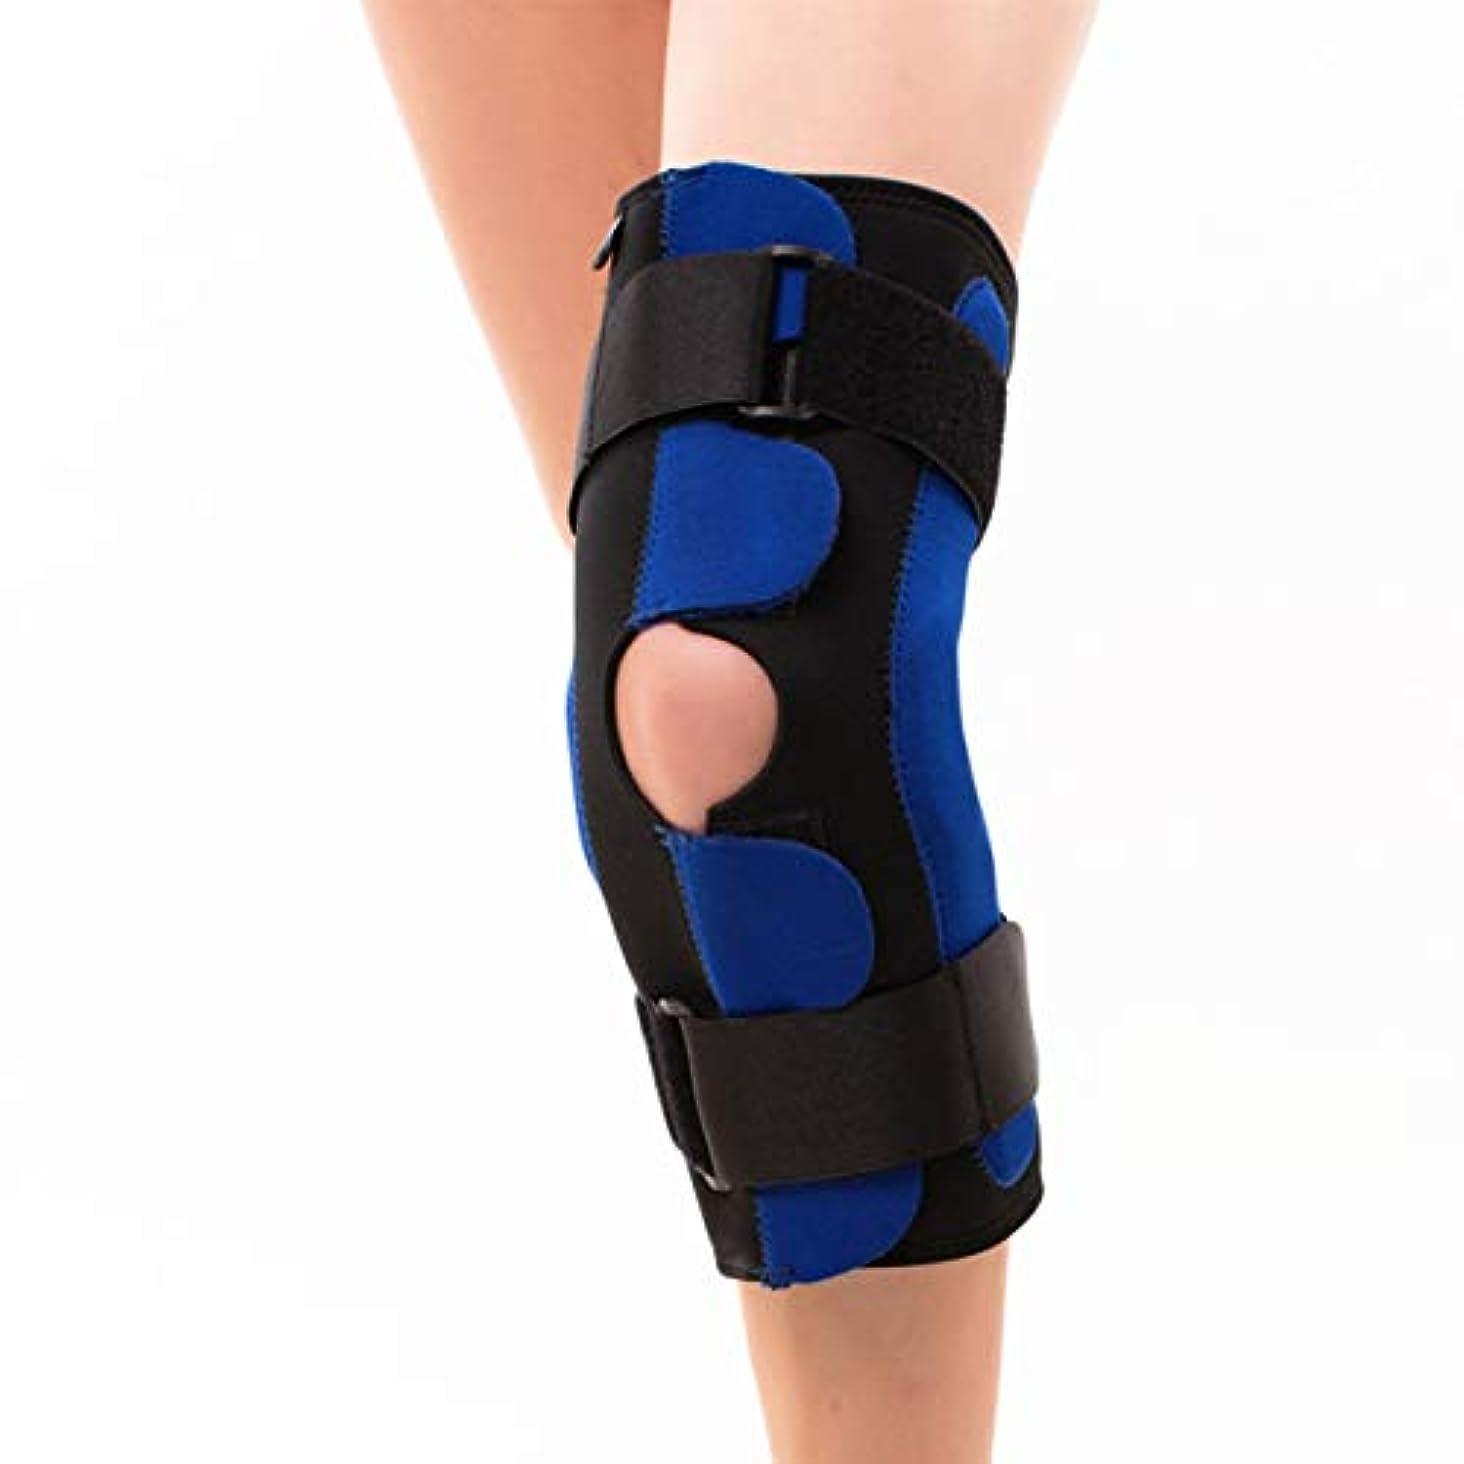 合理化思慮深い引き出し屋外スポーツ膝パッド膝鋼サポートバークライミングスポーツ安全膝ブレースフィットネス保護パーツ-ブラックL